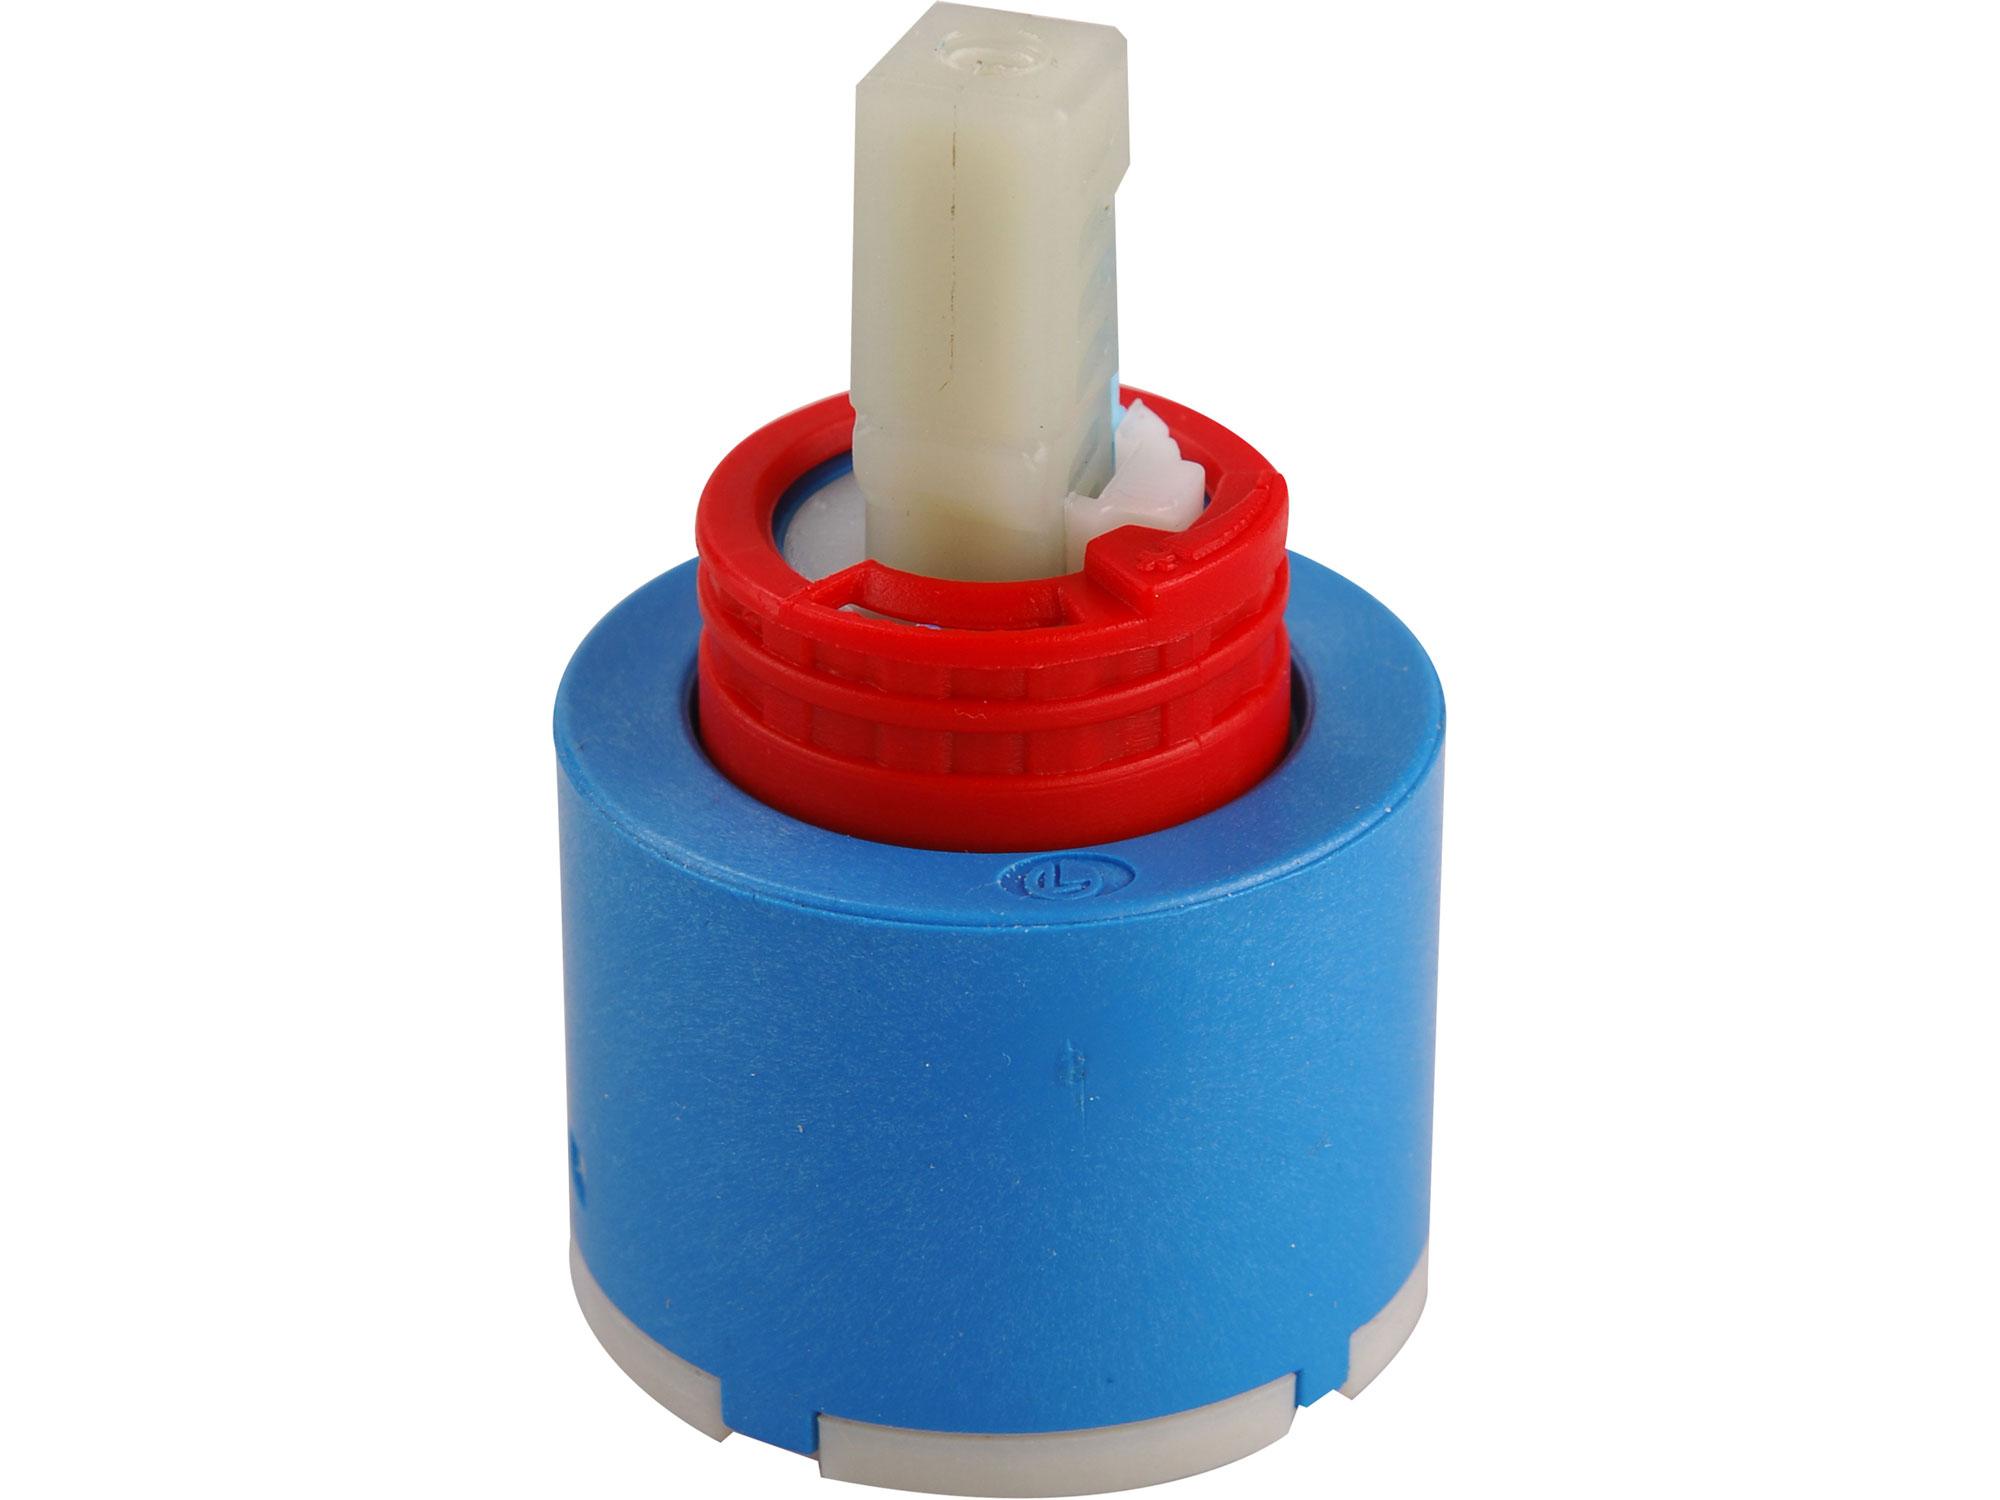 Kartuše keramická, vodu šetřící s omezovačem teploty, 35mm BALLETTO 81055